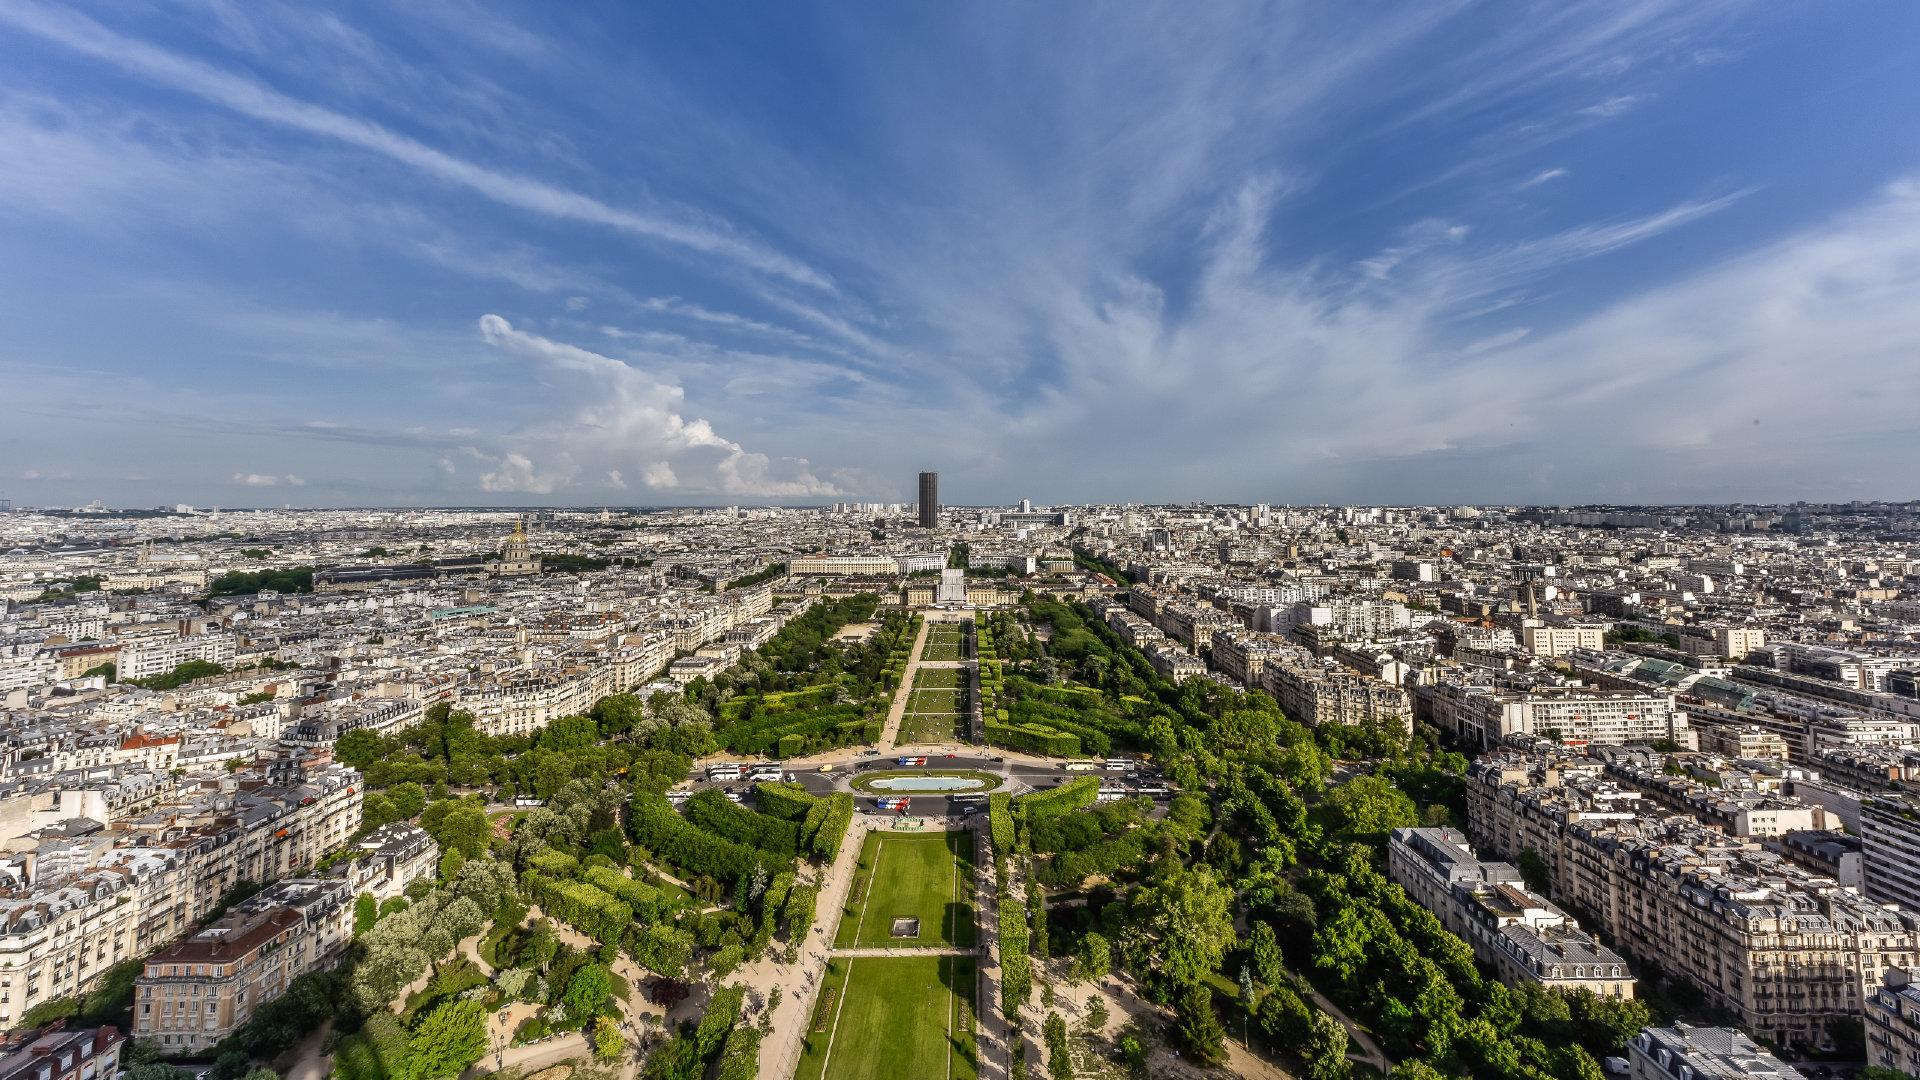 巴黎城市风光4K高清图片素材